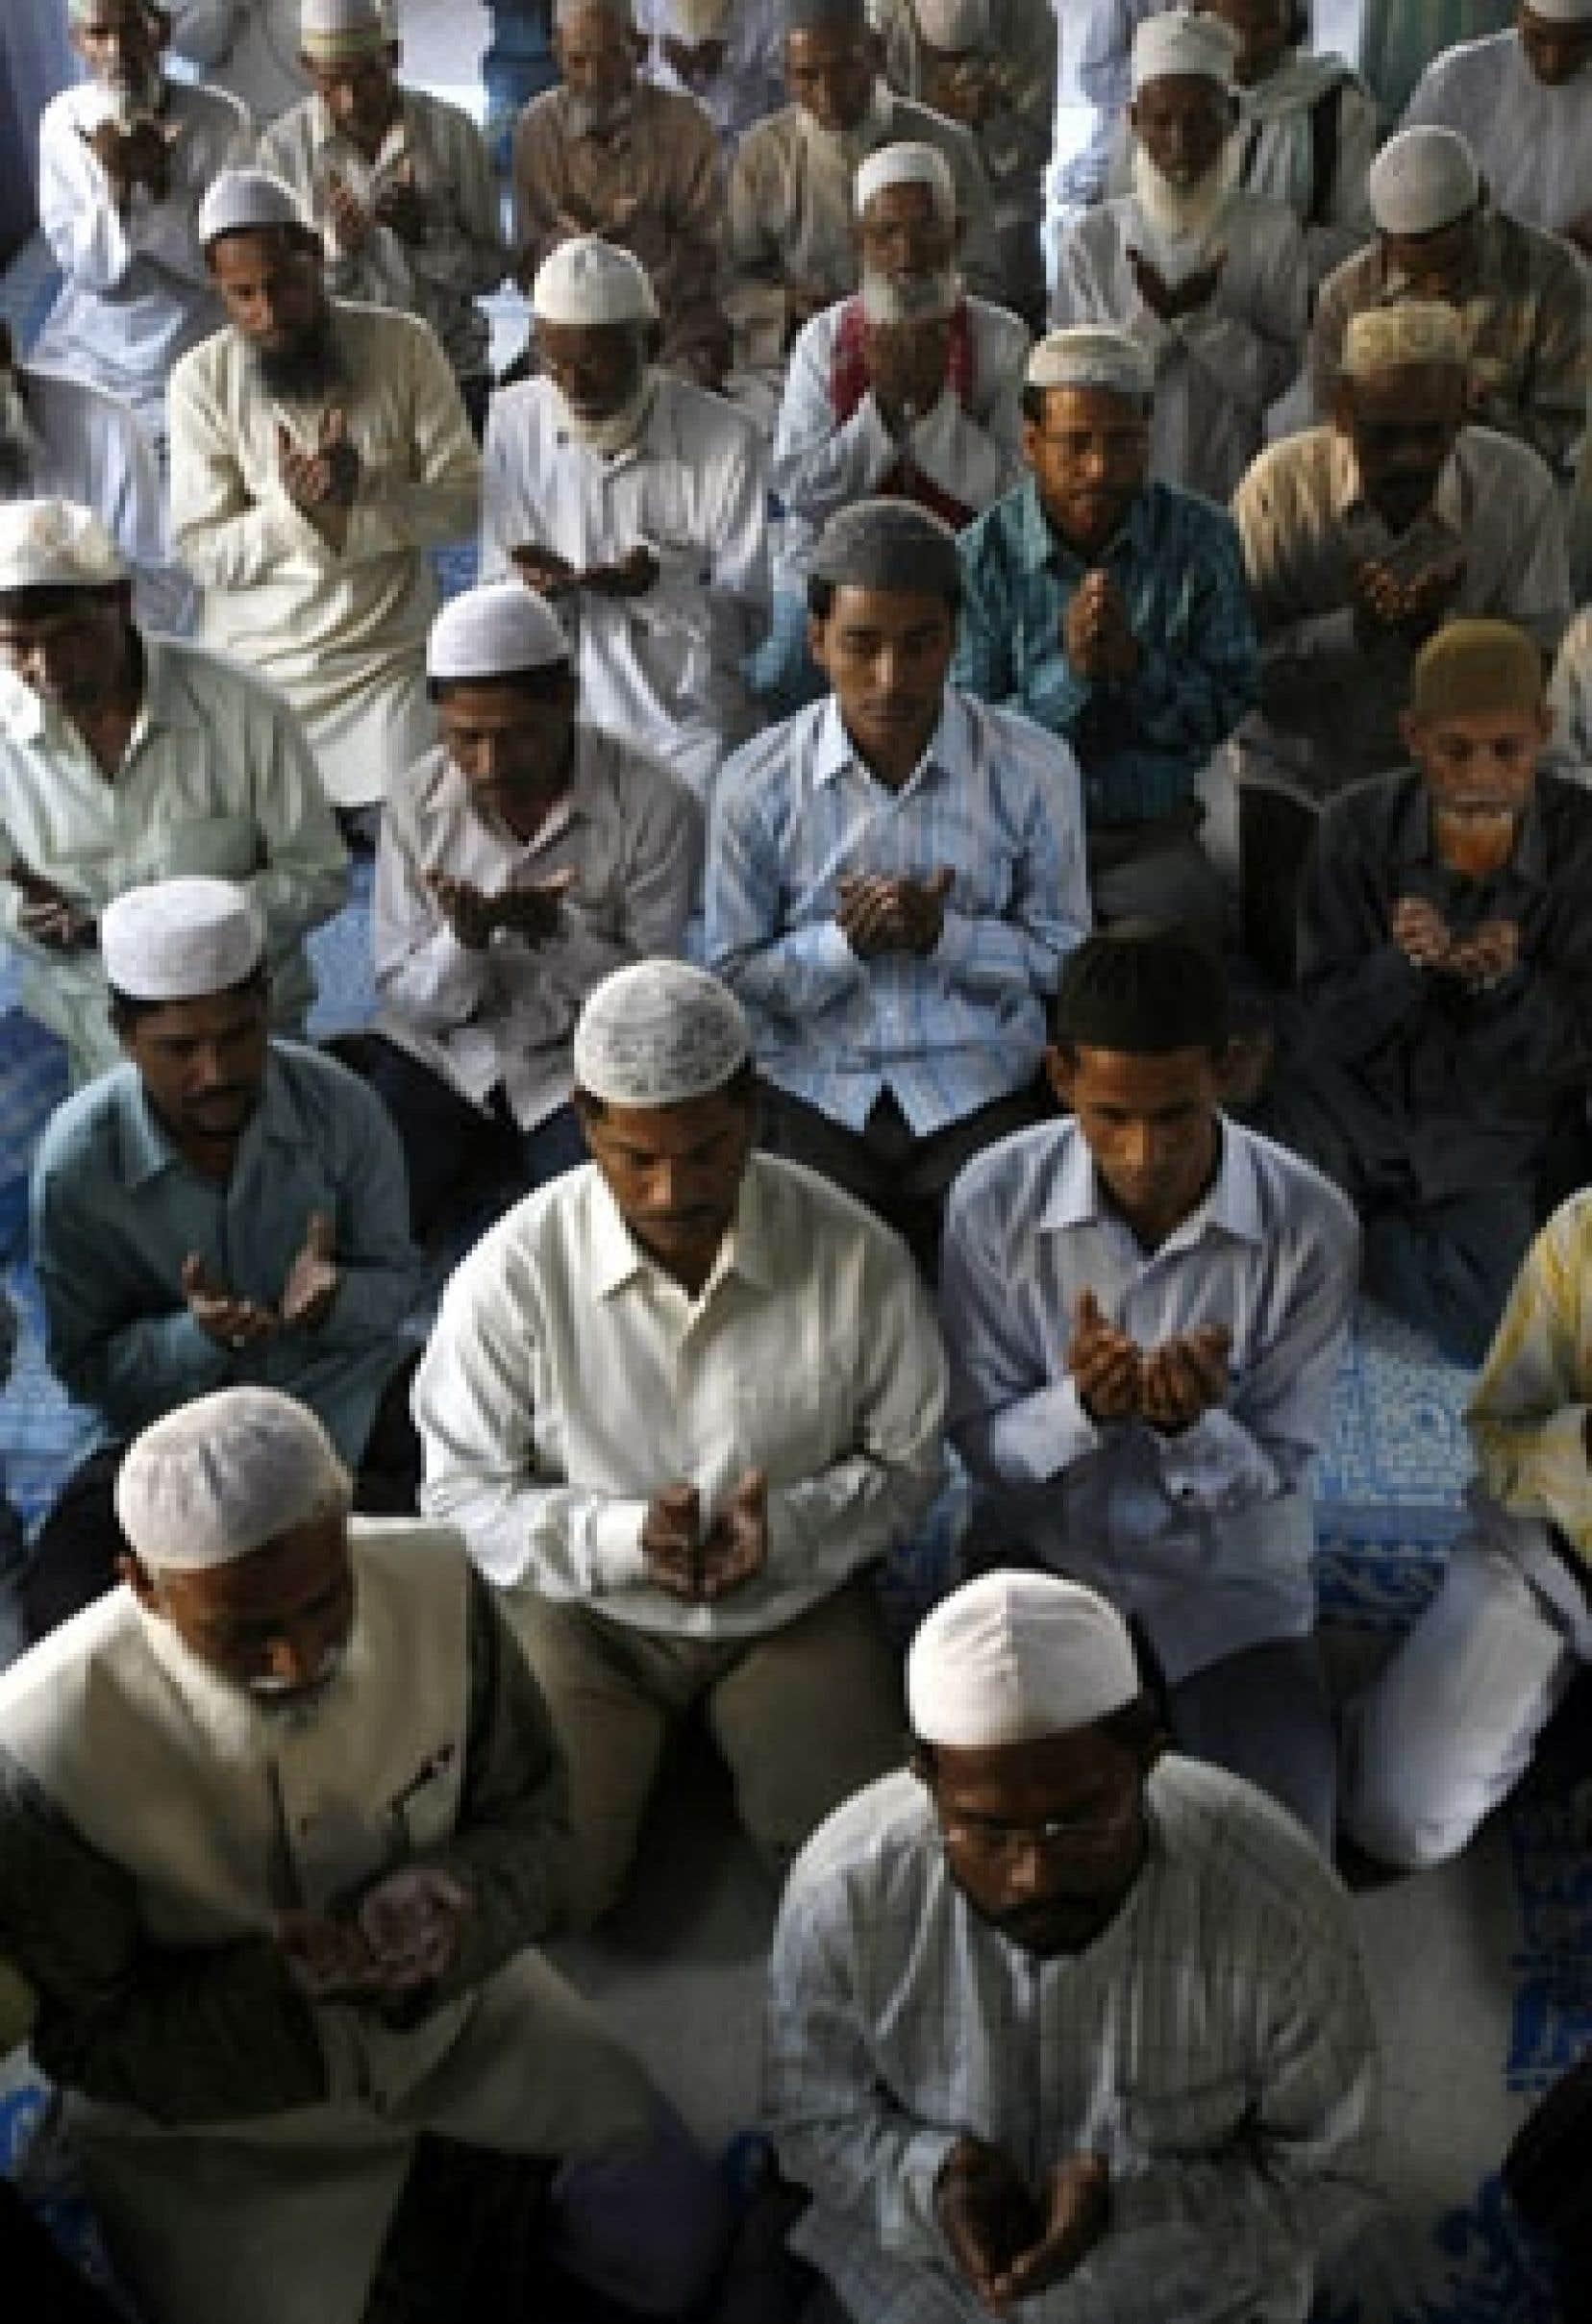 Des musulmans rassemblés dans une mosquée de Siliguri, dans le nord-est de l'Inde, prient pour les victimes des attentats de Mumbai, samedi, qui ont fait près de 200 morts.